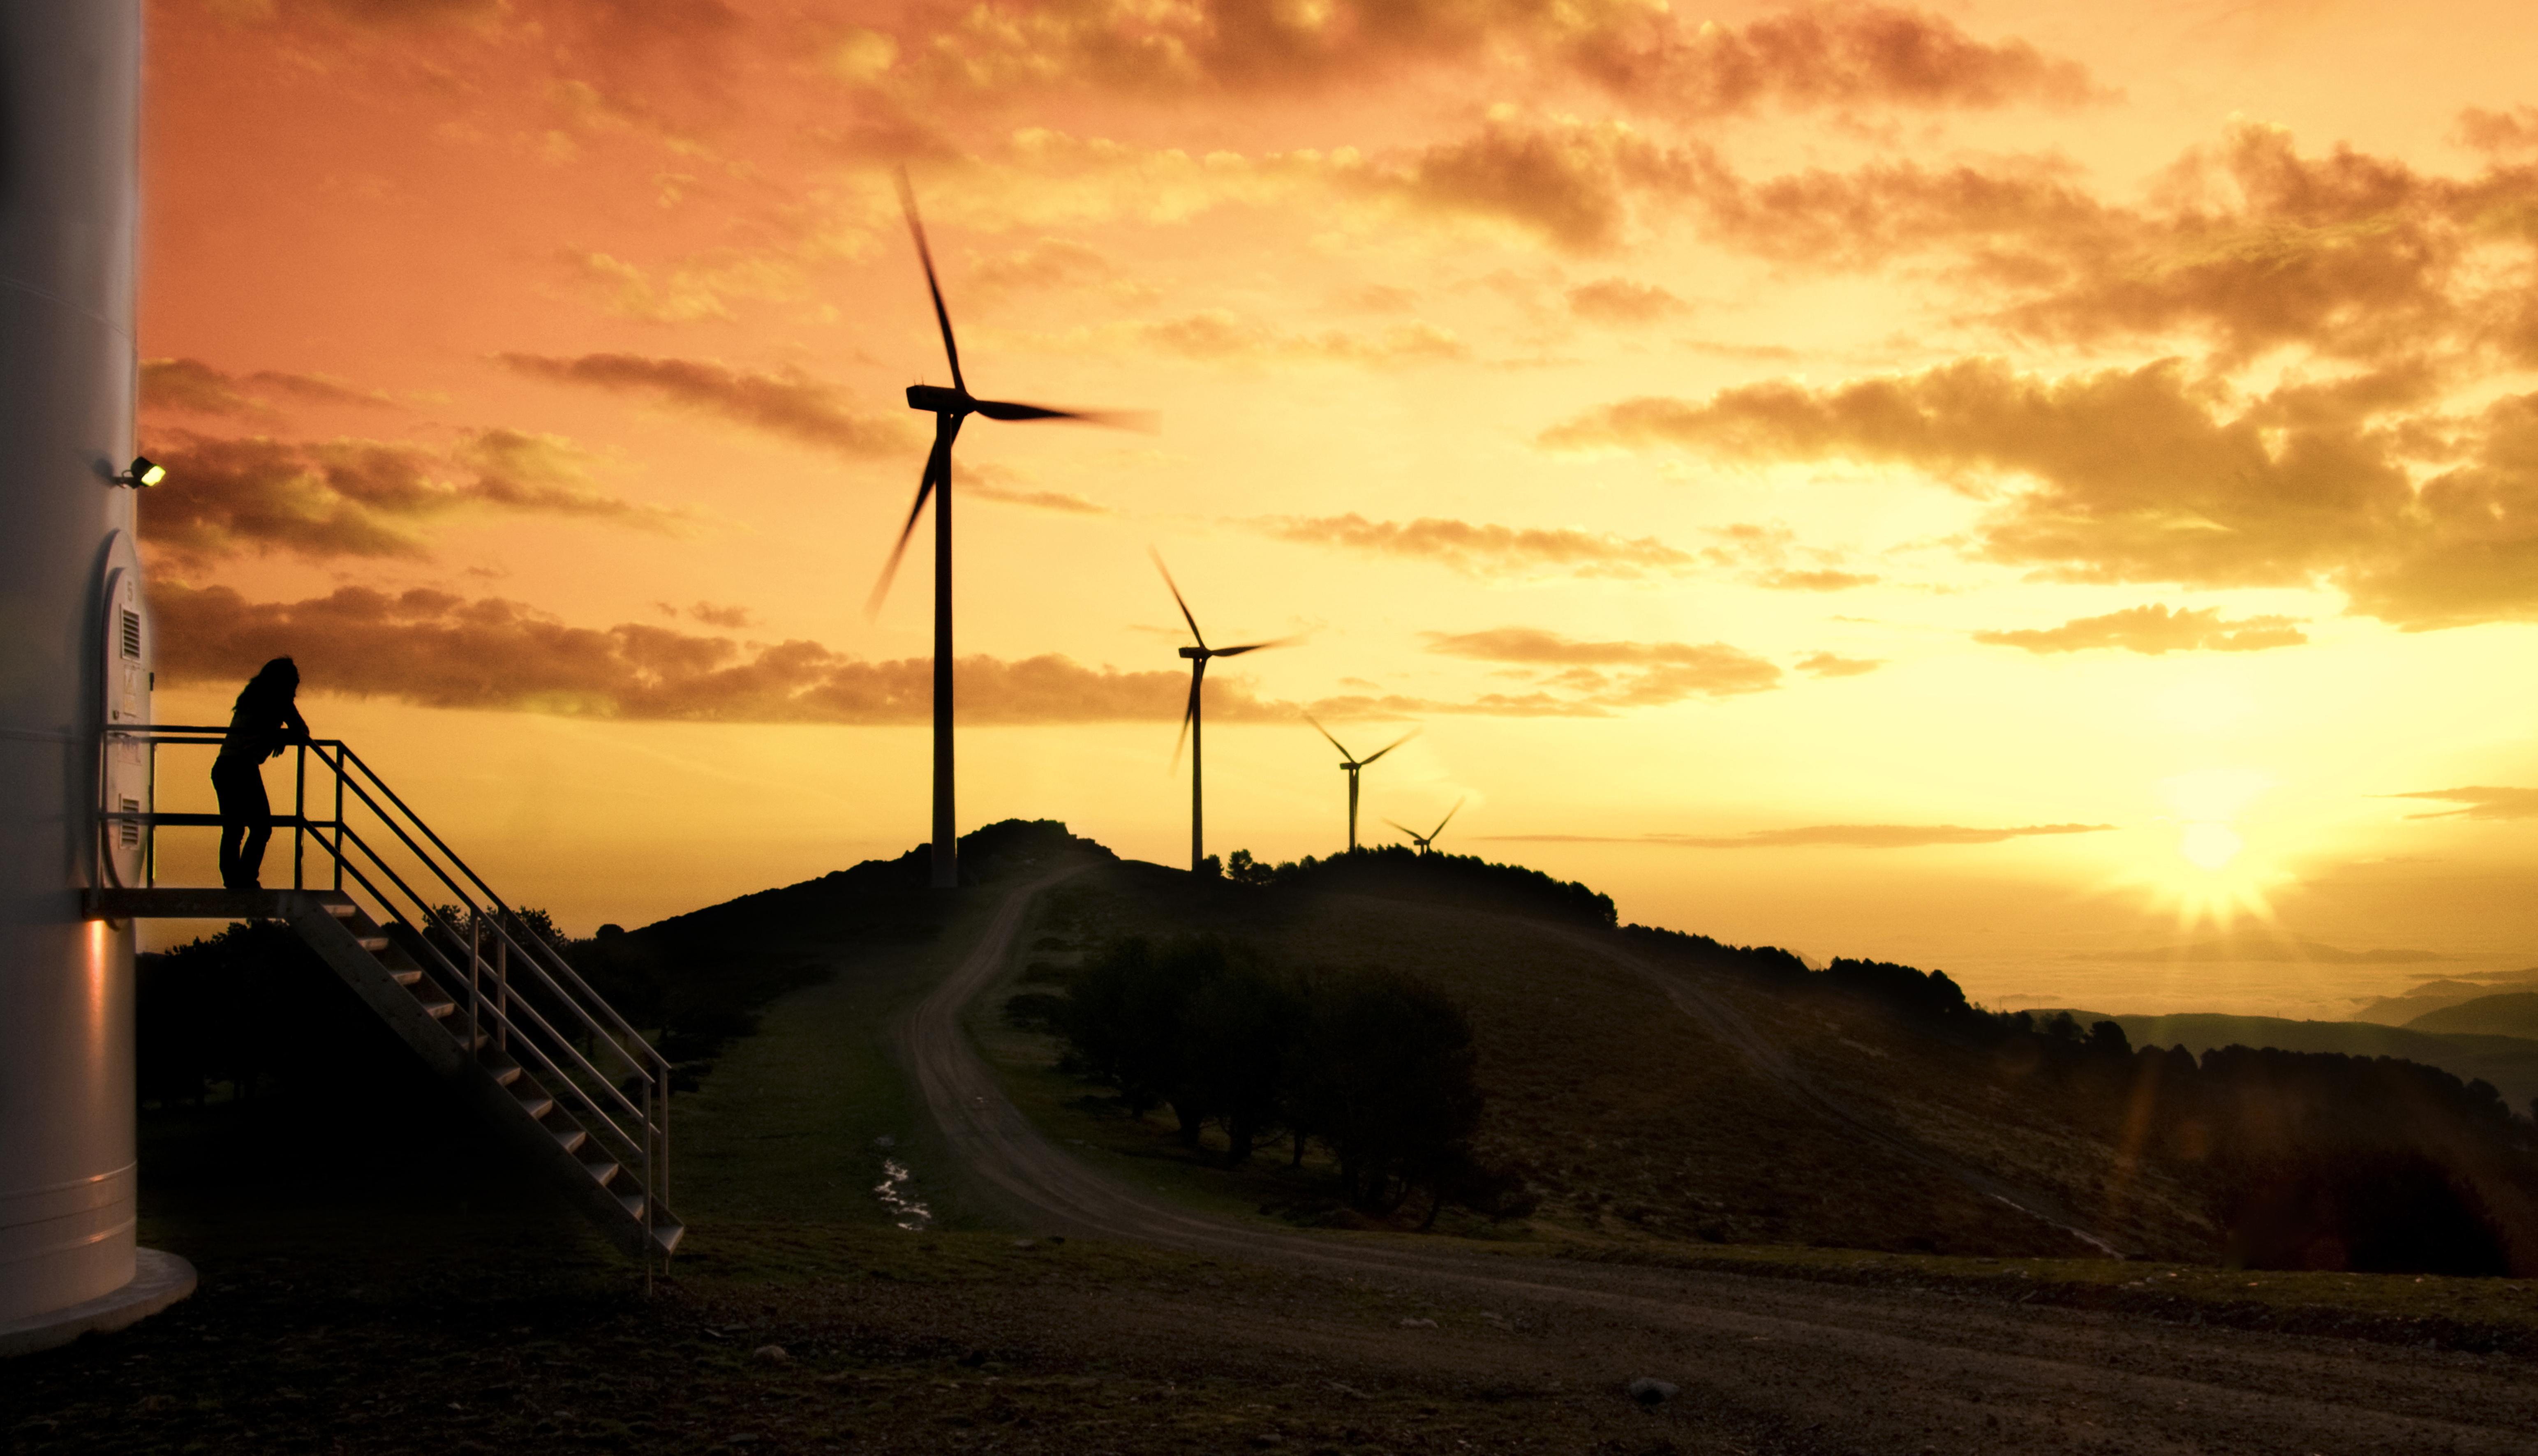 Ola de calor y poca eólica disparan el precio de la electricidad